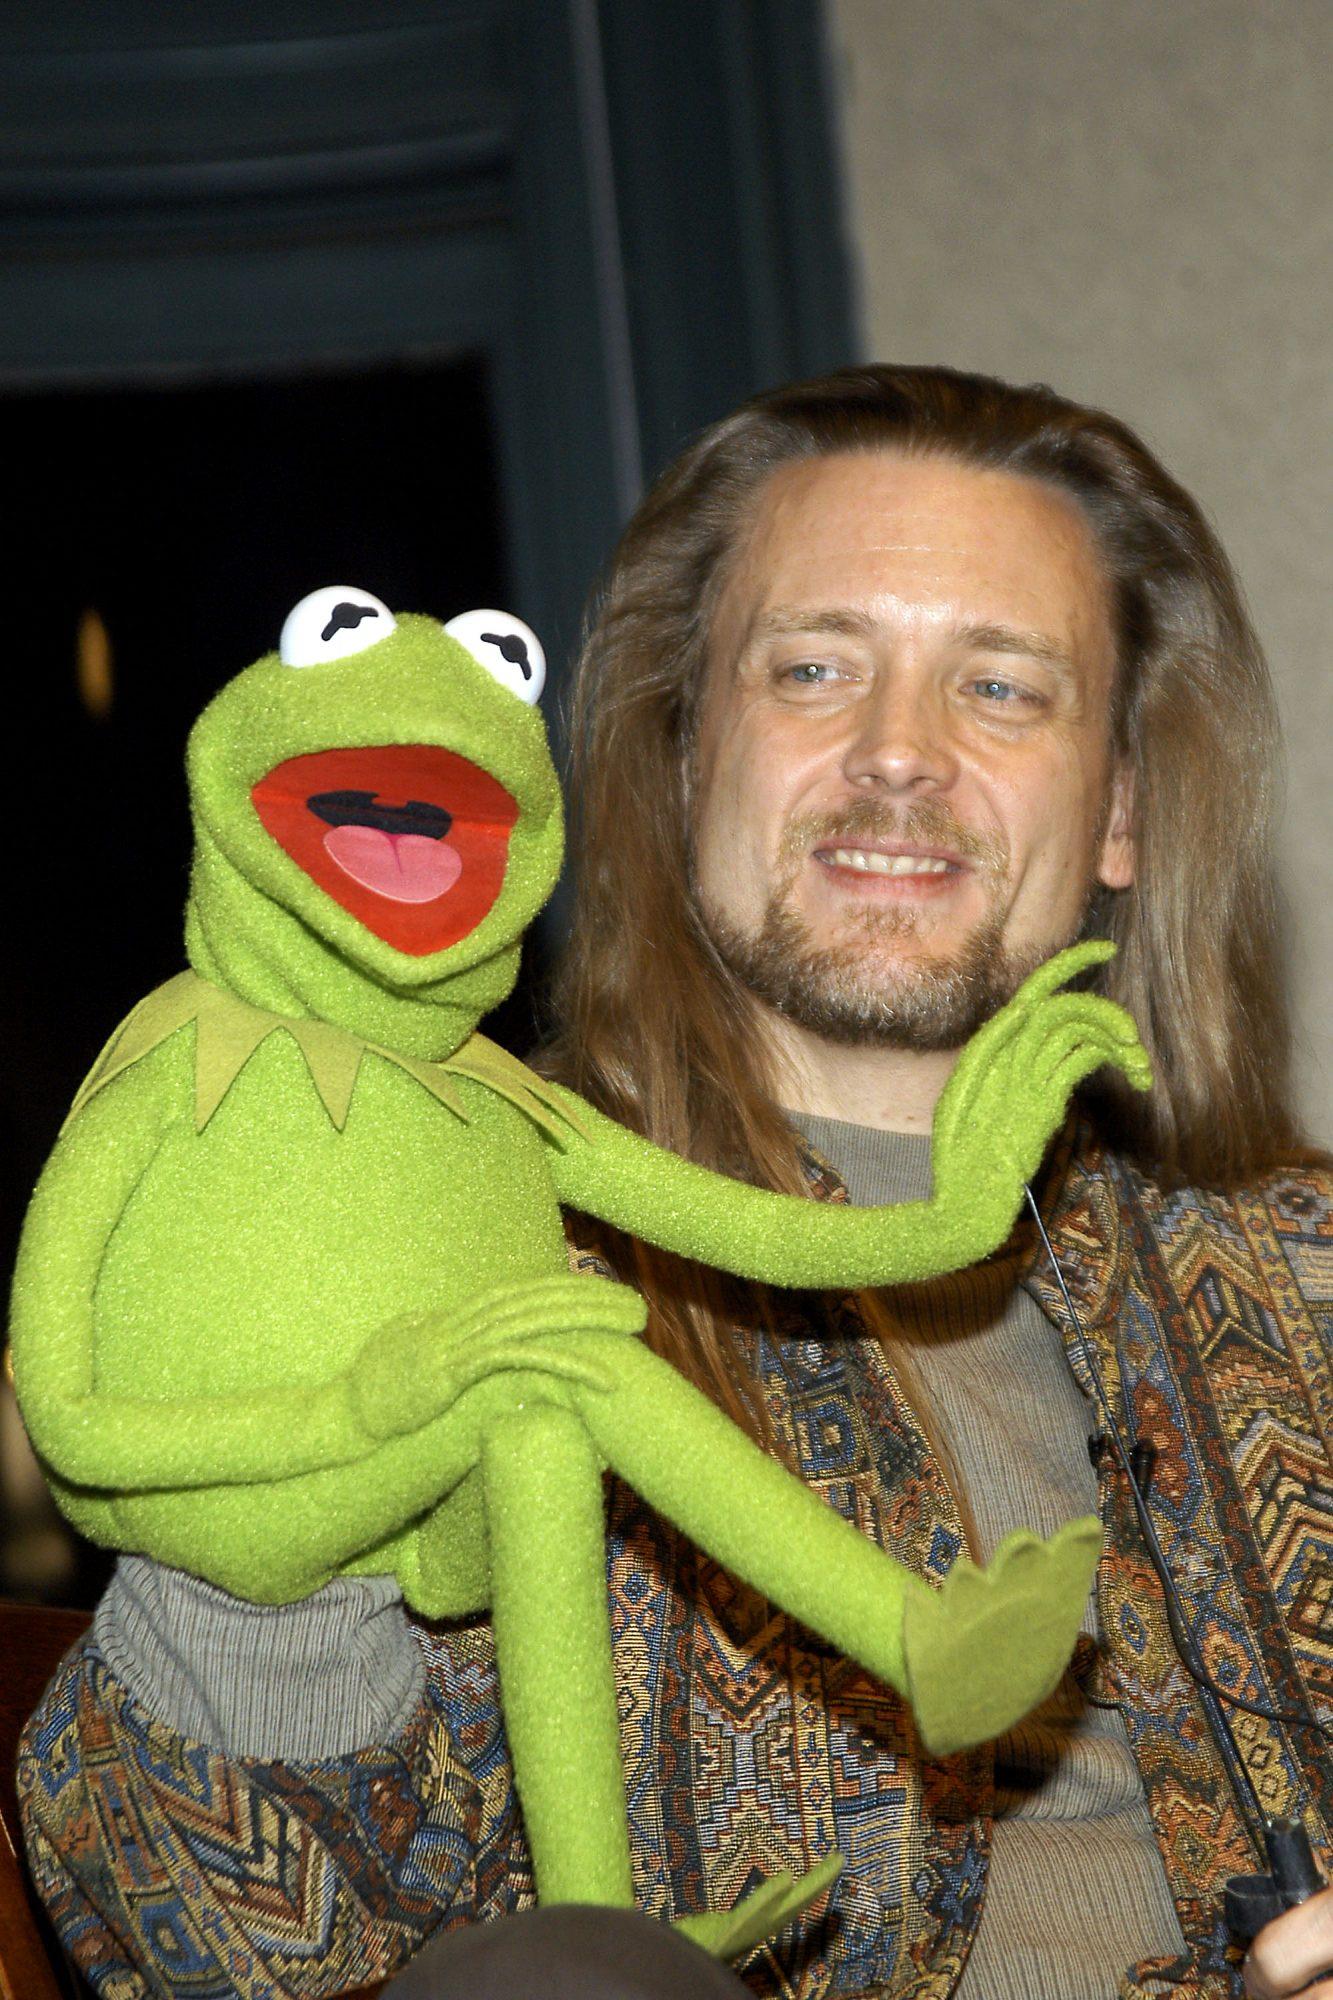 kermit-the-frog-steve-whitmire.jpg